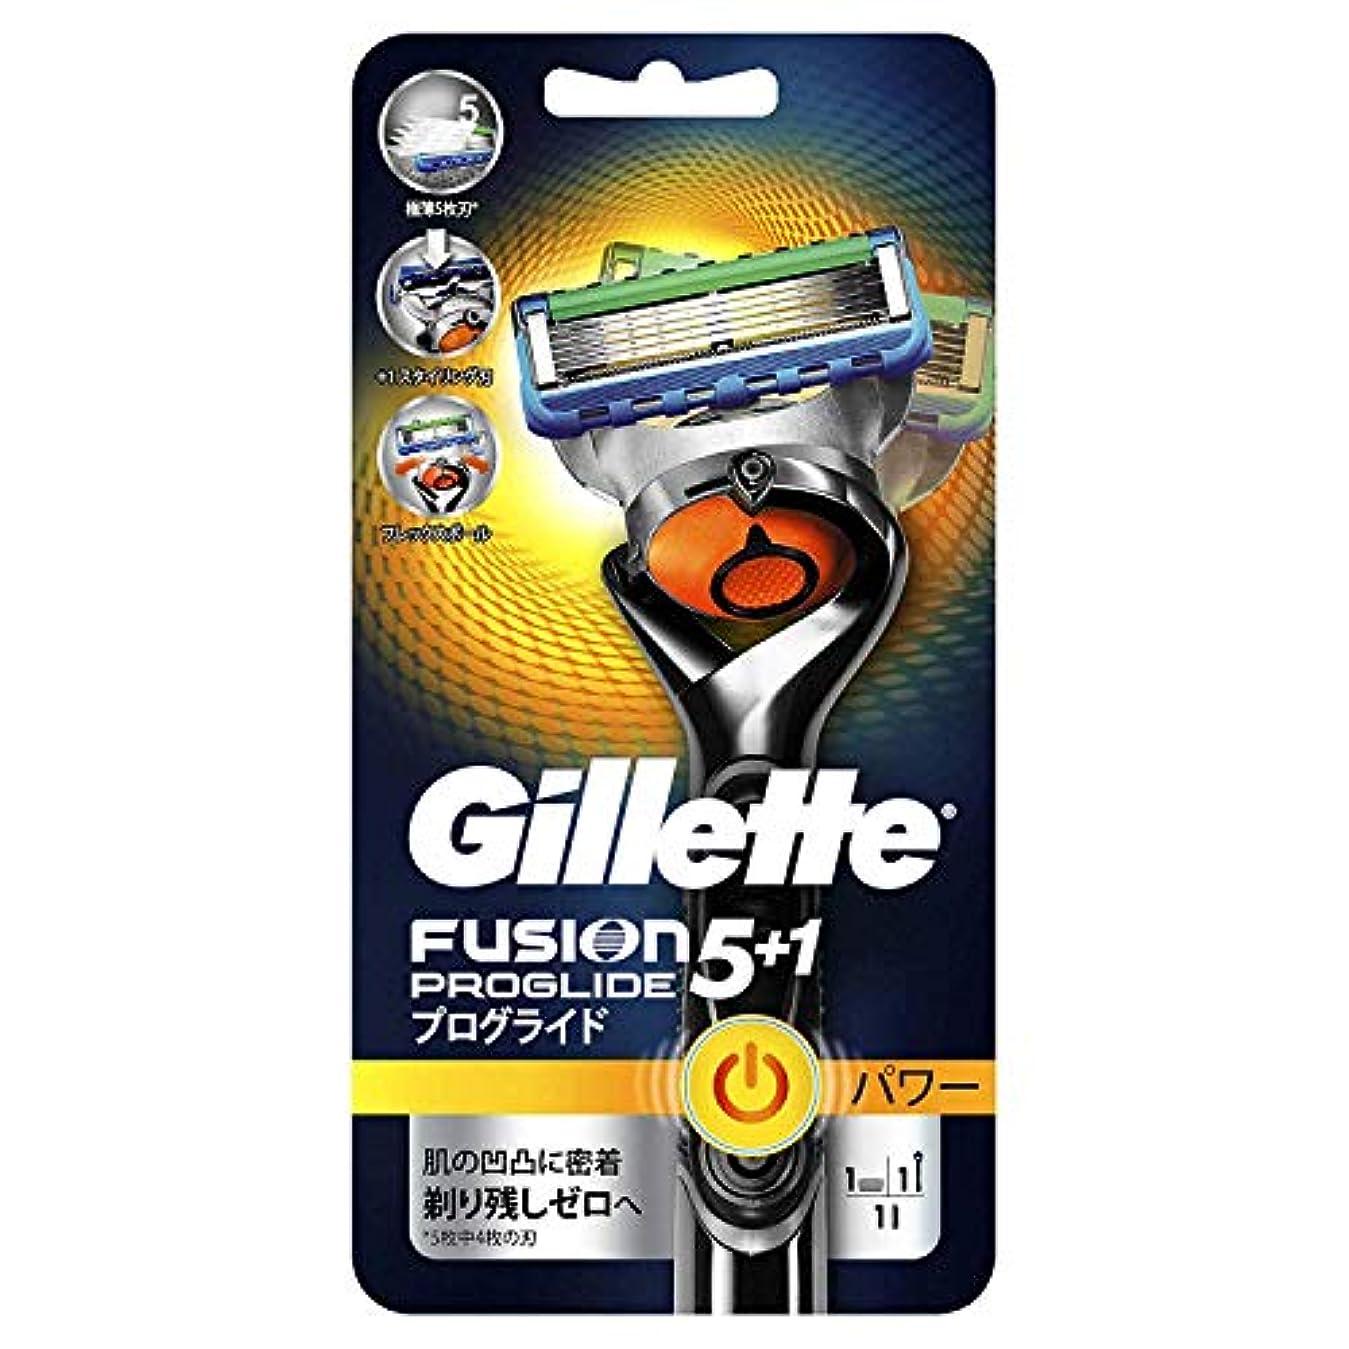 【P&G】ジレット プログライド フレックスボール パワー ホルダー 替刃1個付 ×20個セット